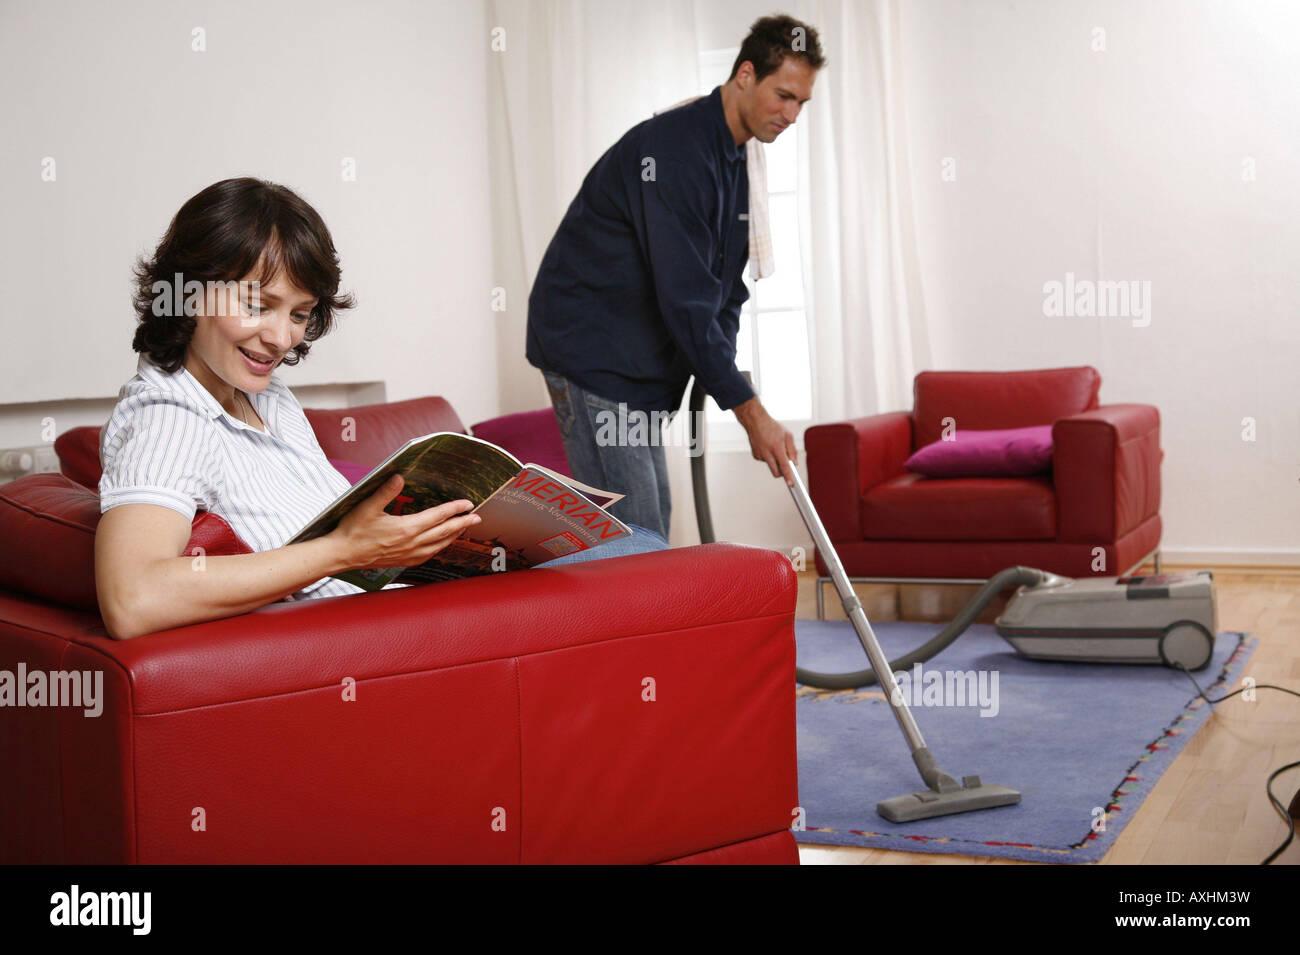 Symbole der Partnerschaft er saugt den Teppich, während sie eine Zeitschrift liest Stockfoto